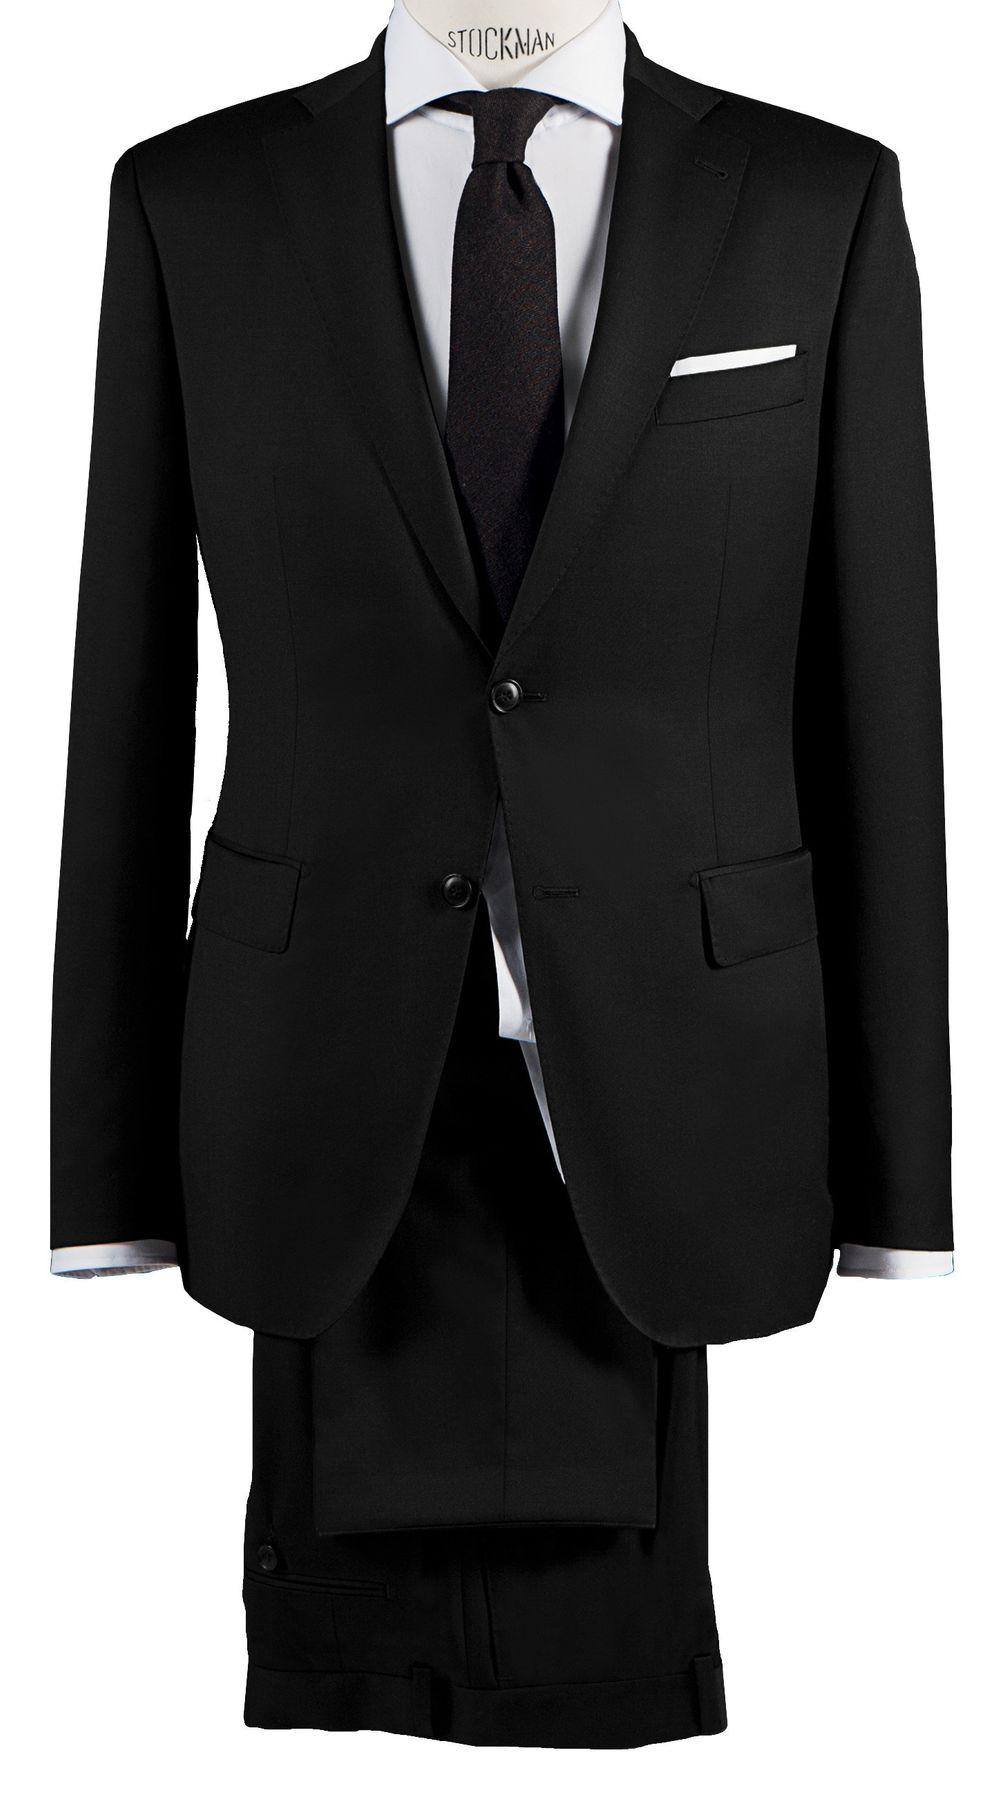 Barutti - Tailored Fit - Herren Baukasten Anzug aus reiner Super 150'S Schurwolle in Schwarz, Anthrazit oder Blau, 900 8008 (Tarso AMF/Tosco) – Bild 3